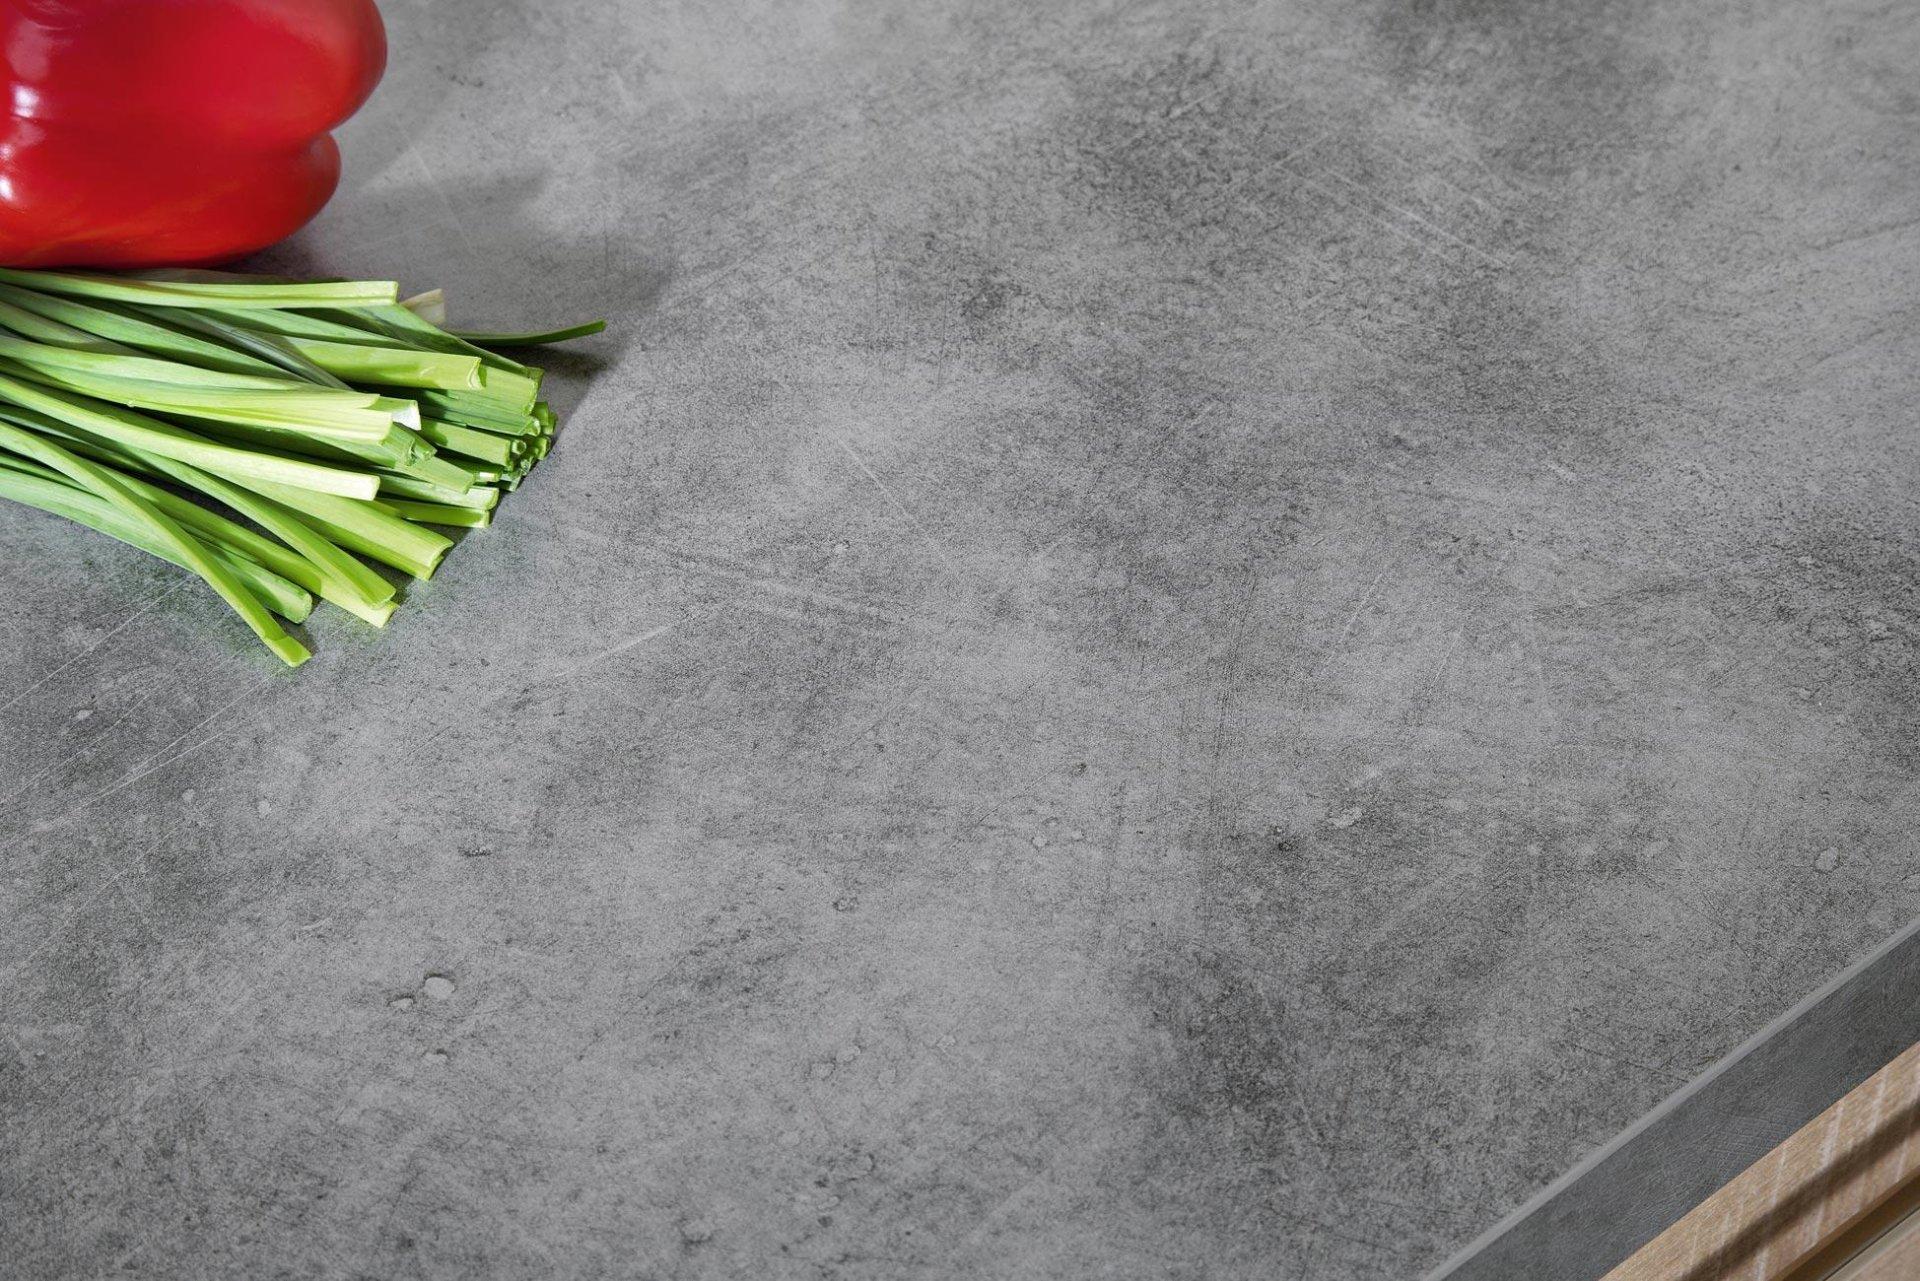 Meble kuchenne Moelke Lesto dąb naturalny brązowy | Linea alabaster supermat - Kuchnie na wymiar Kraków | WFM Kuchnie Kraków